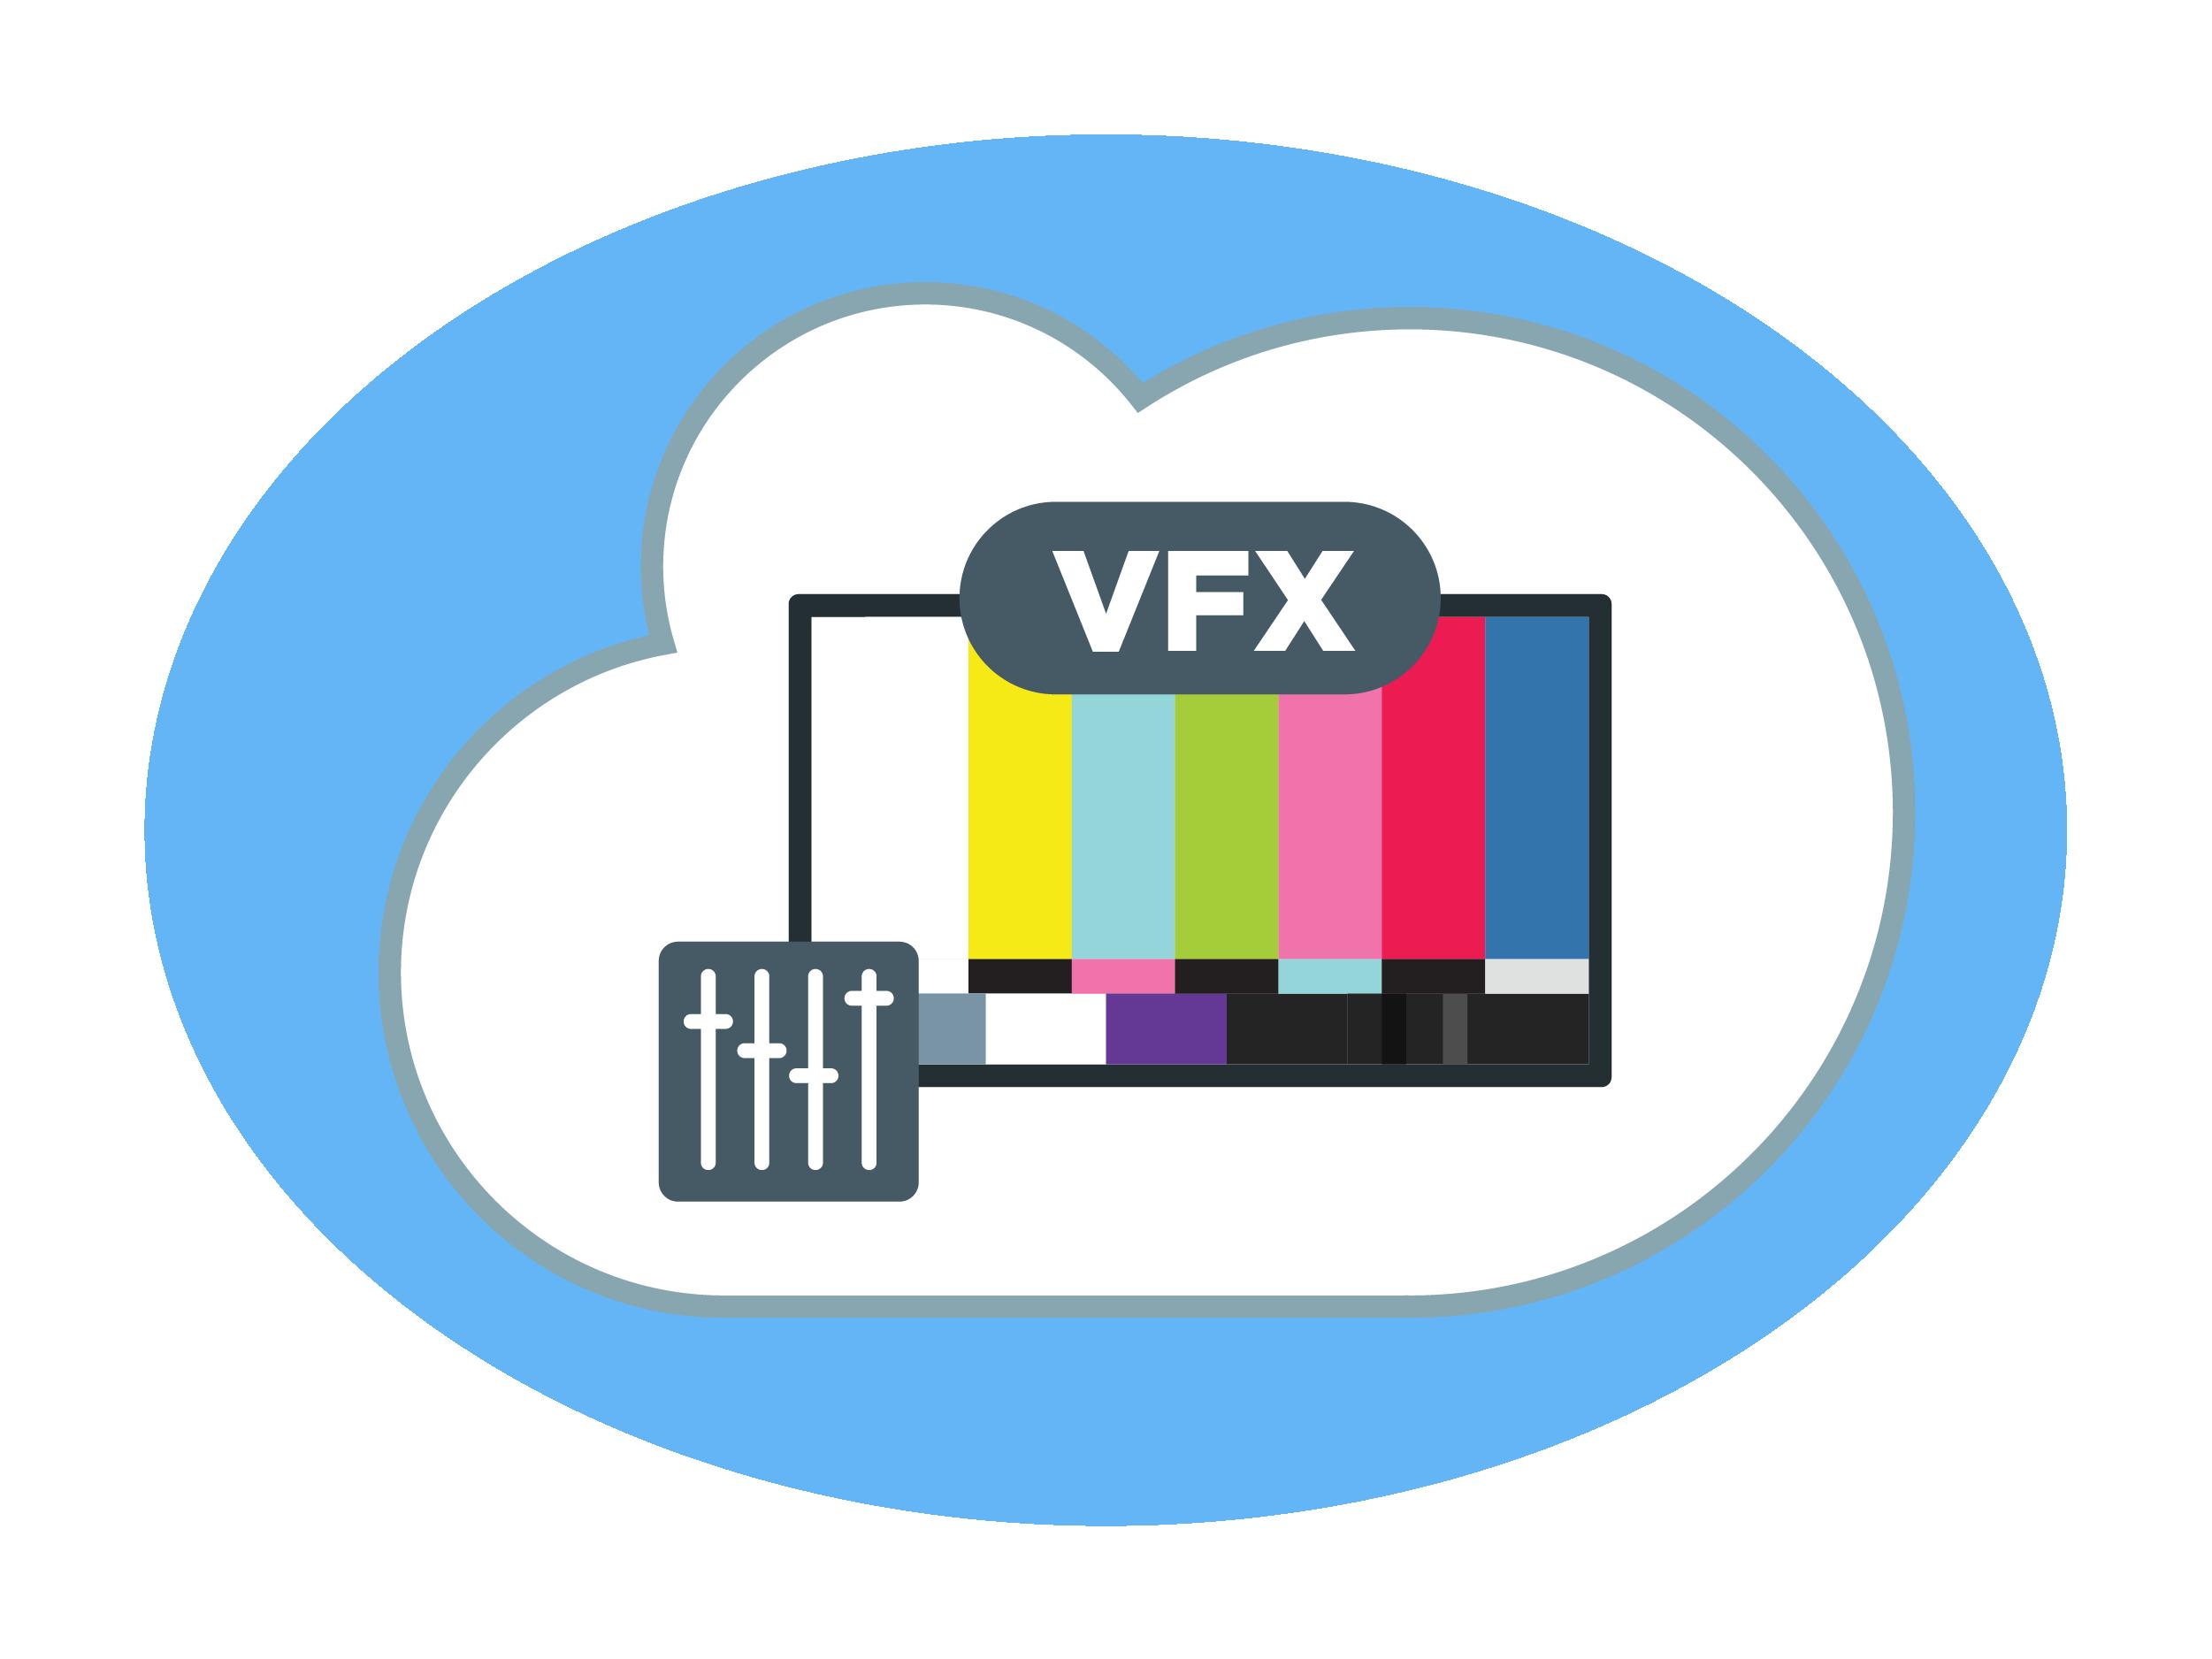 usecase-icon-vfx